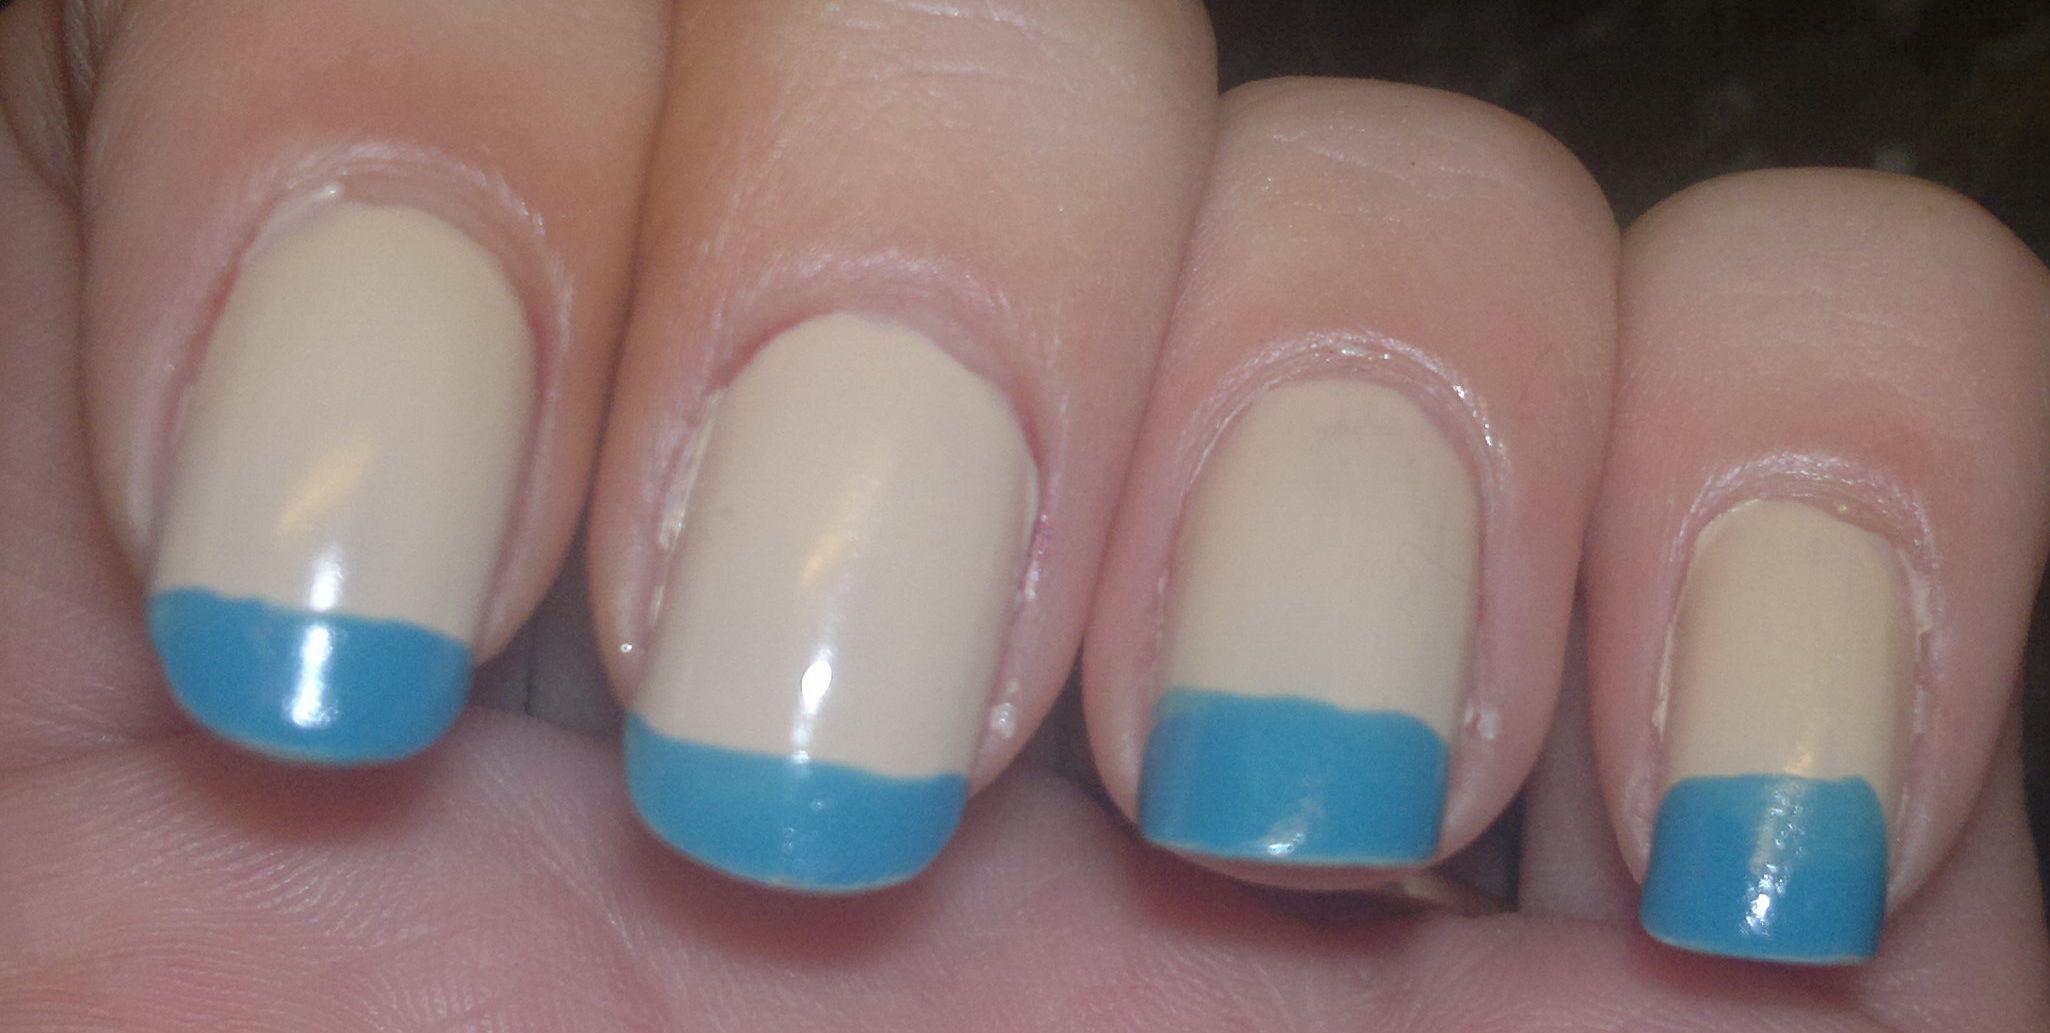 poundlandprincess | A nail polish and make-up addict.